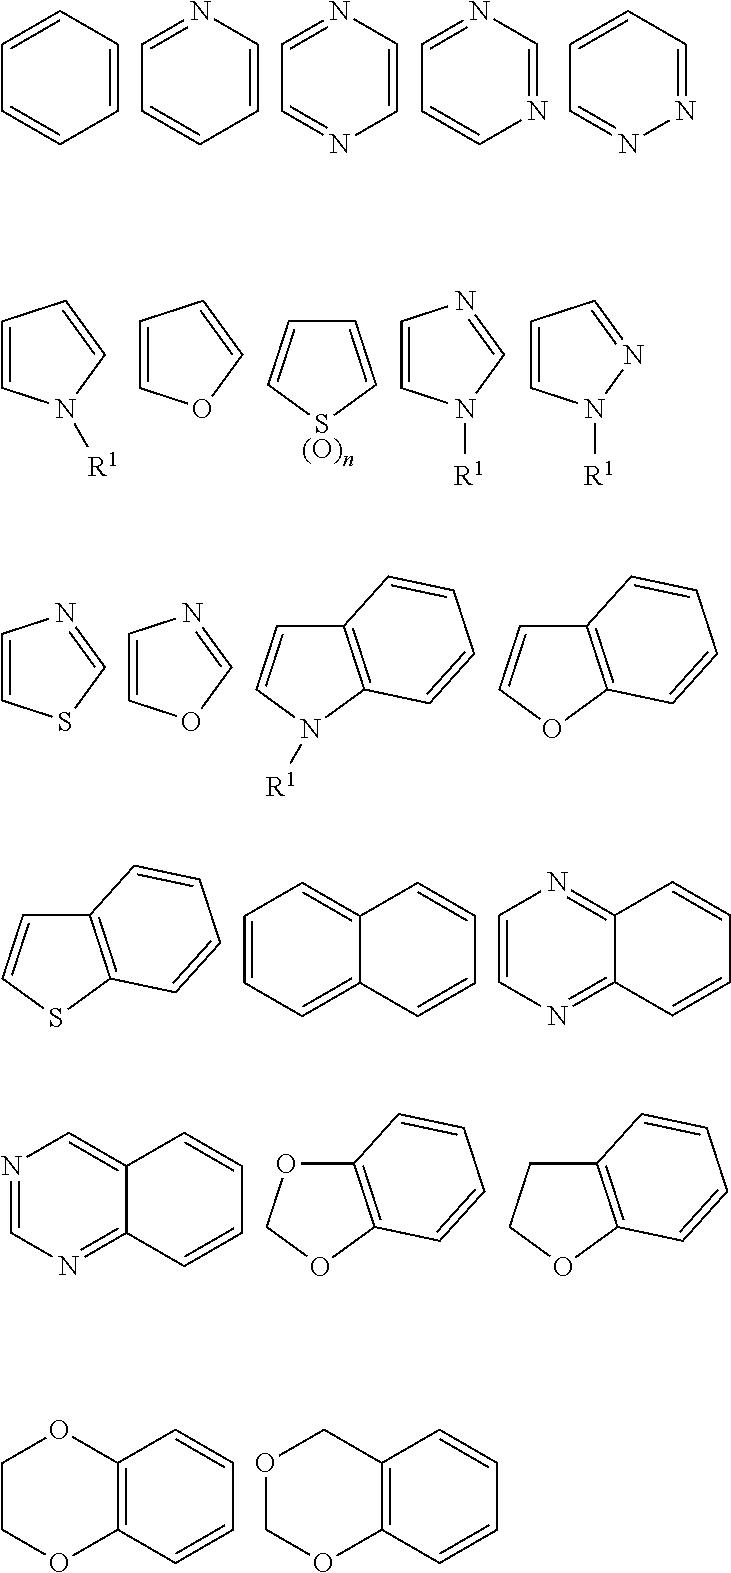 Figure US20110053905A1-20110303-C00363